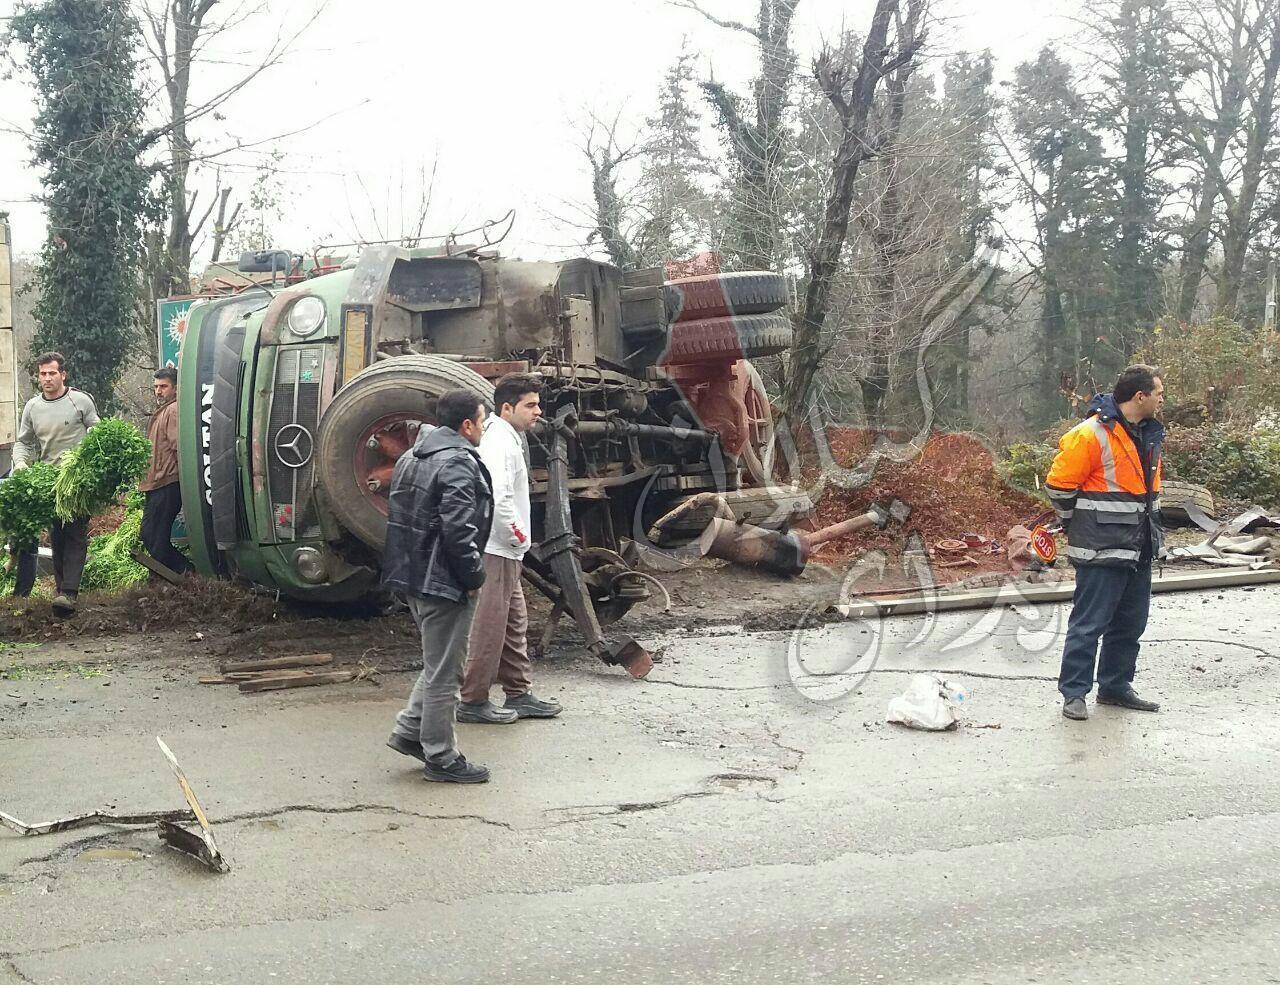 واژگونی کامیونی با بار سبزی در مسیر اردجان به پره سر رضوانشهر+عکس